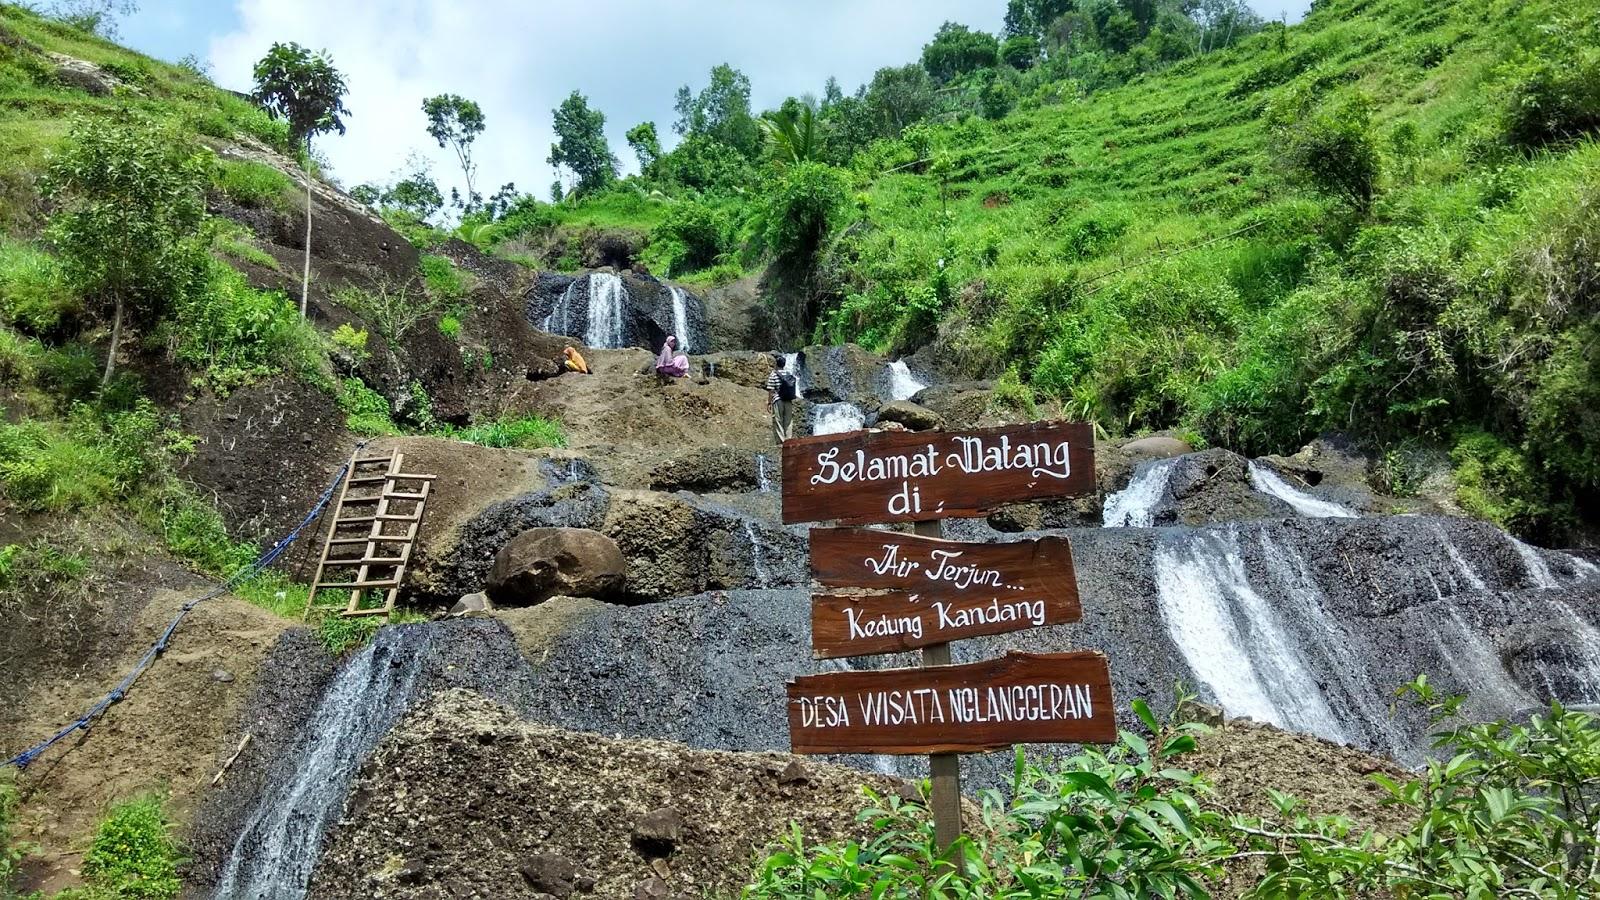 Air Terjun Kedung Kandang Nglanggeran Gunungkidul Yogyakarta Kab